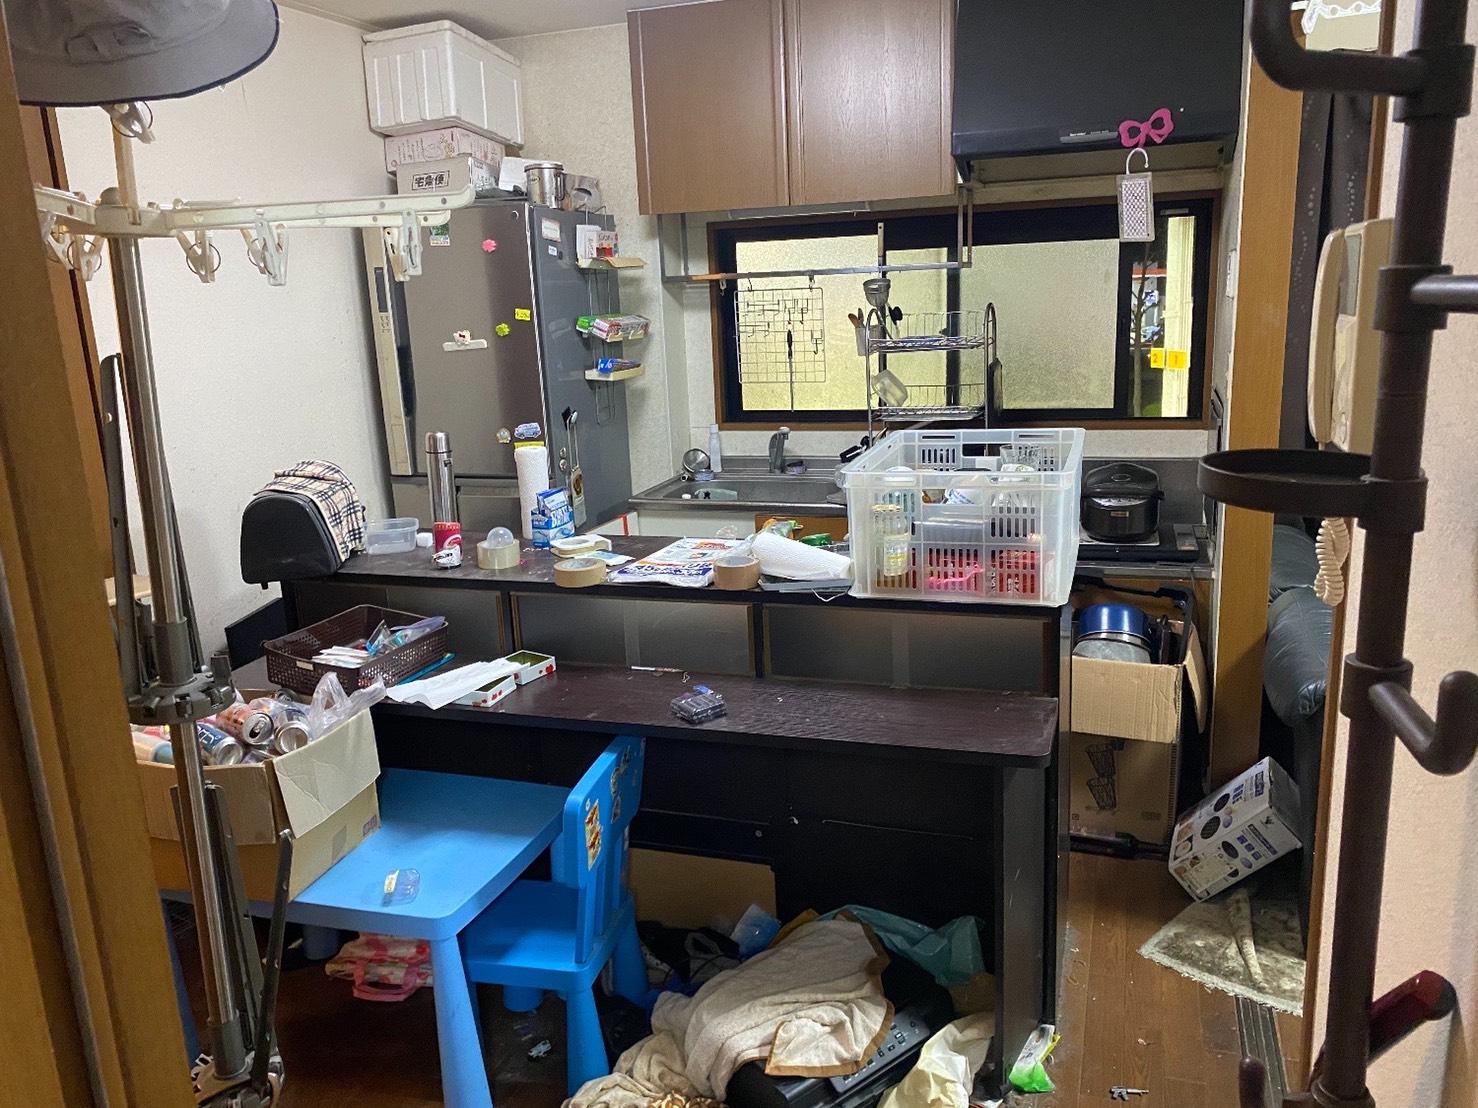 冷蔵庫やその他キッチン家電・家具の回収前